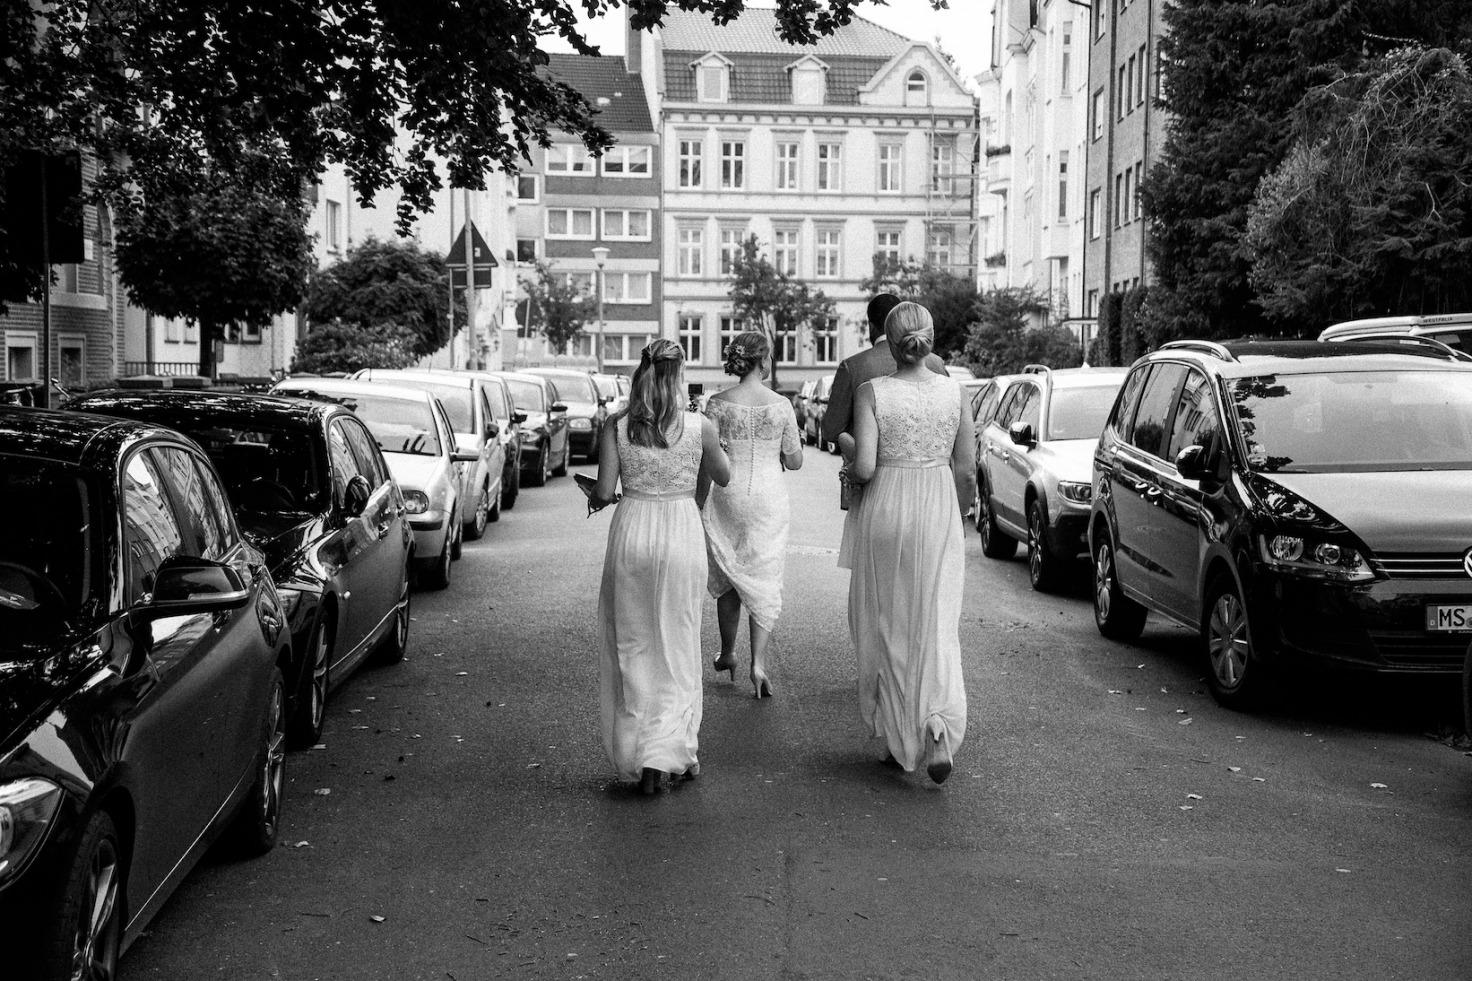 Hochzeit von Jennifer und Stefan in Münster: Braut mit ihren Freundinnen